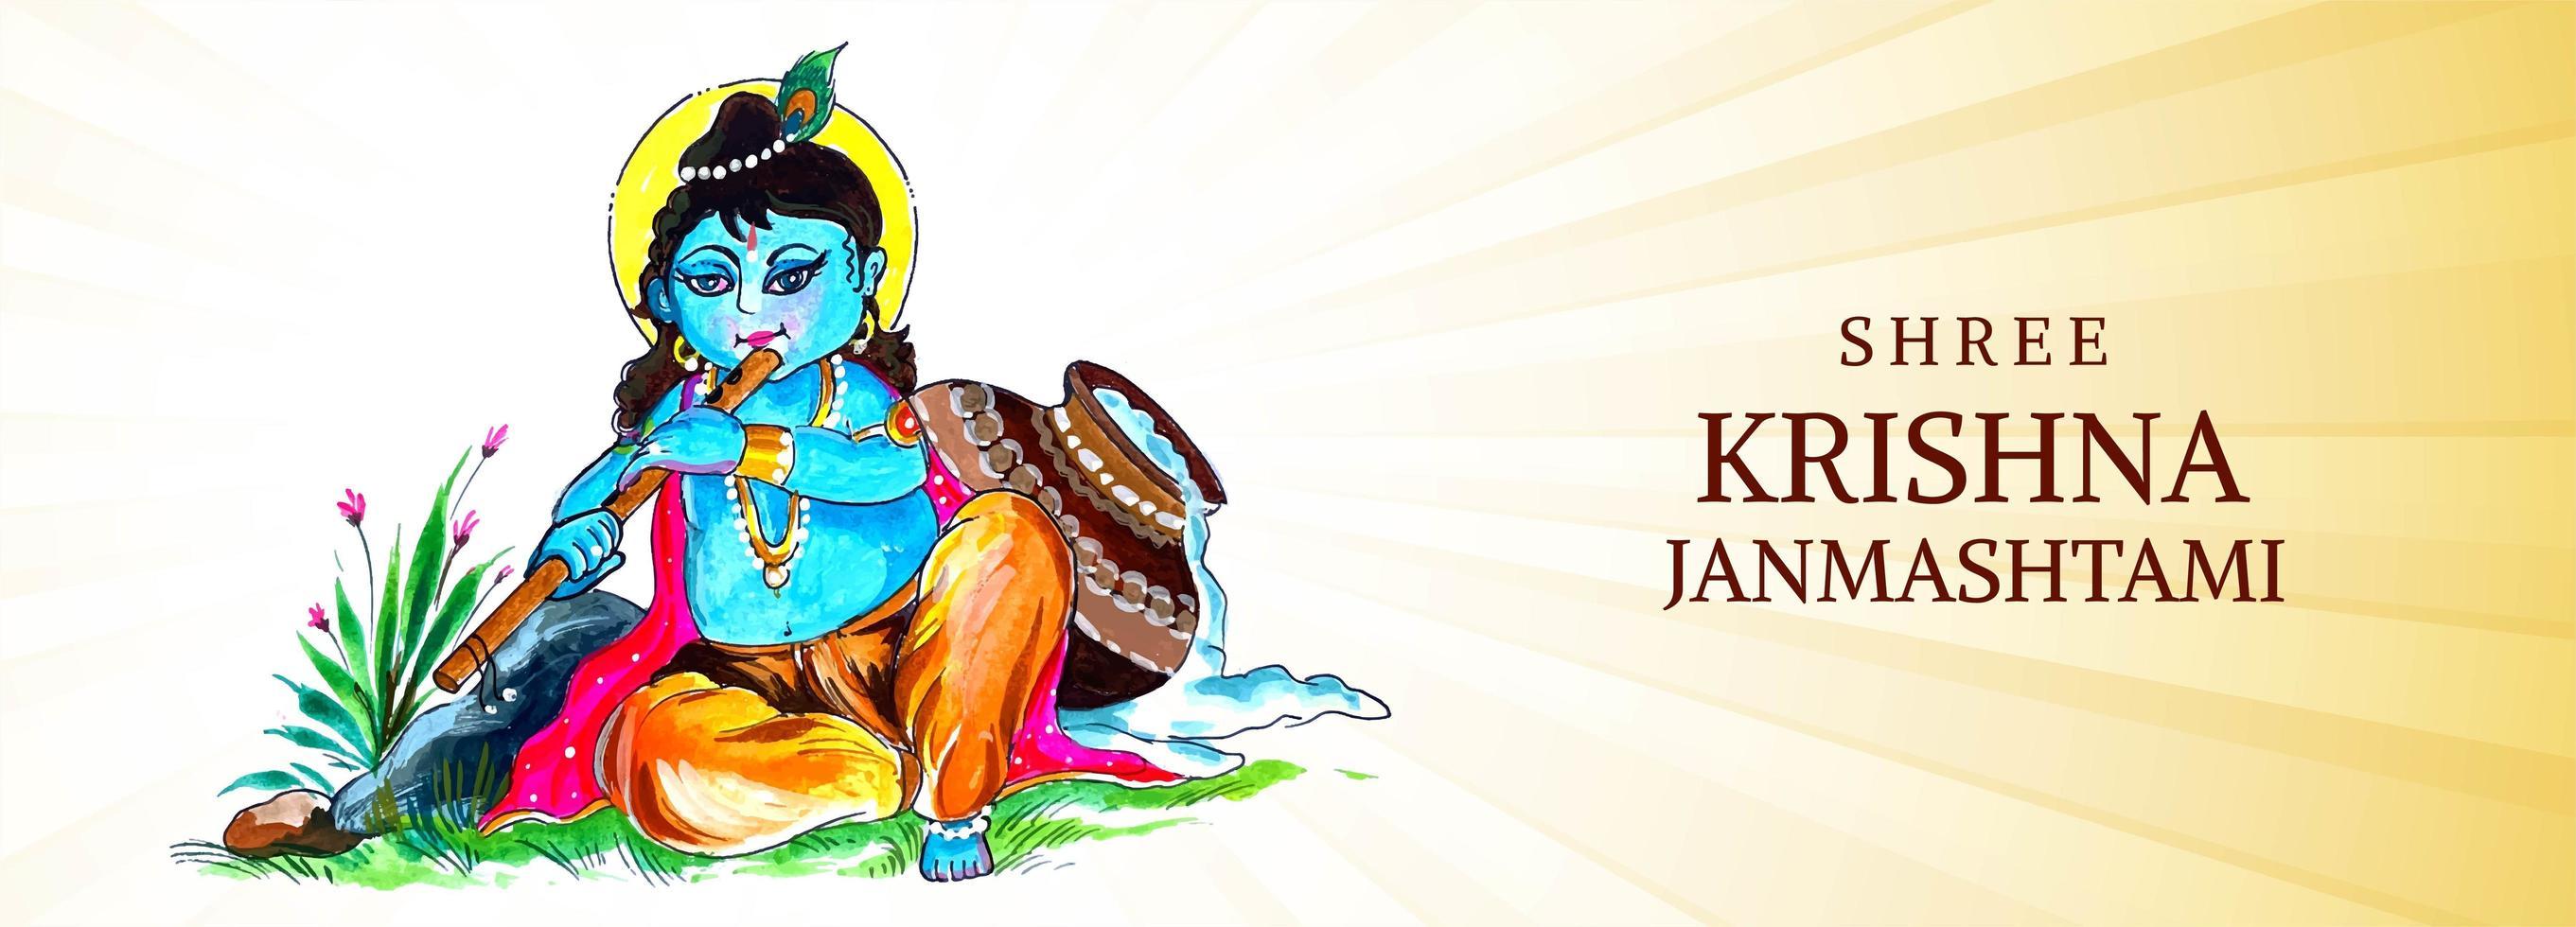 glad krishna sitter och spelar flöjt janmashtami festival banner vektor